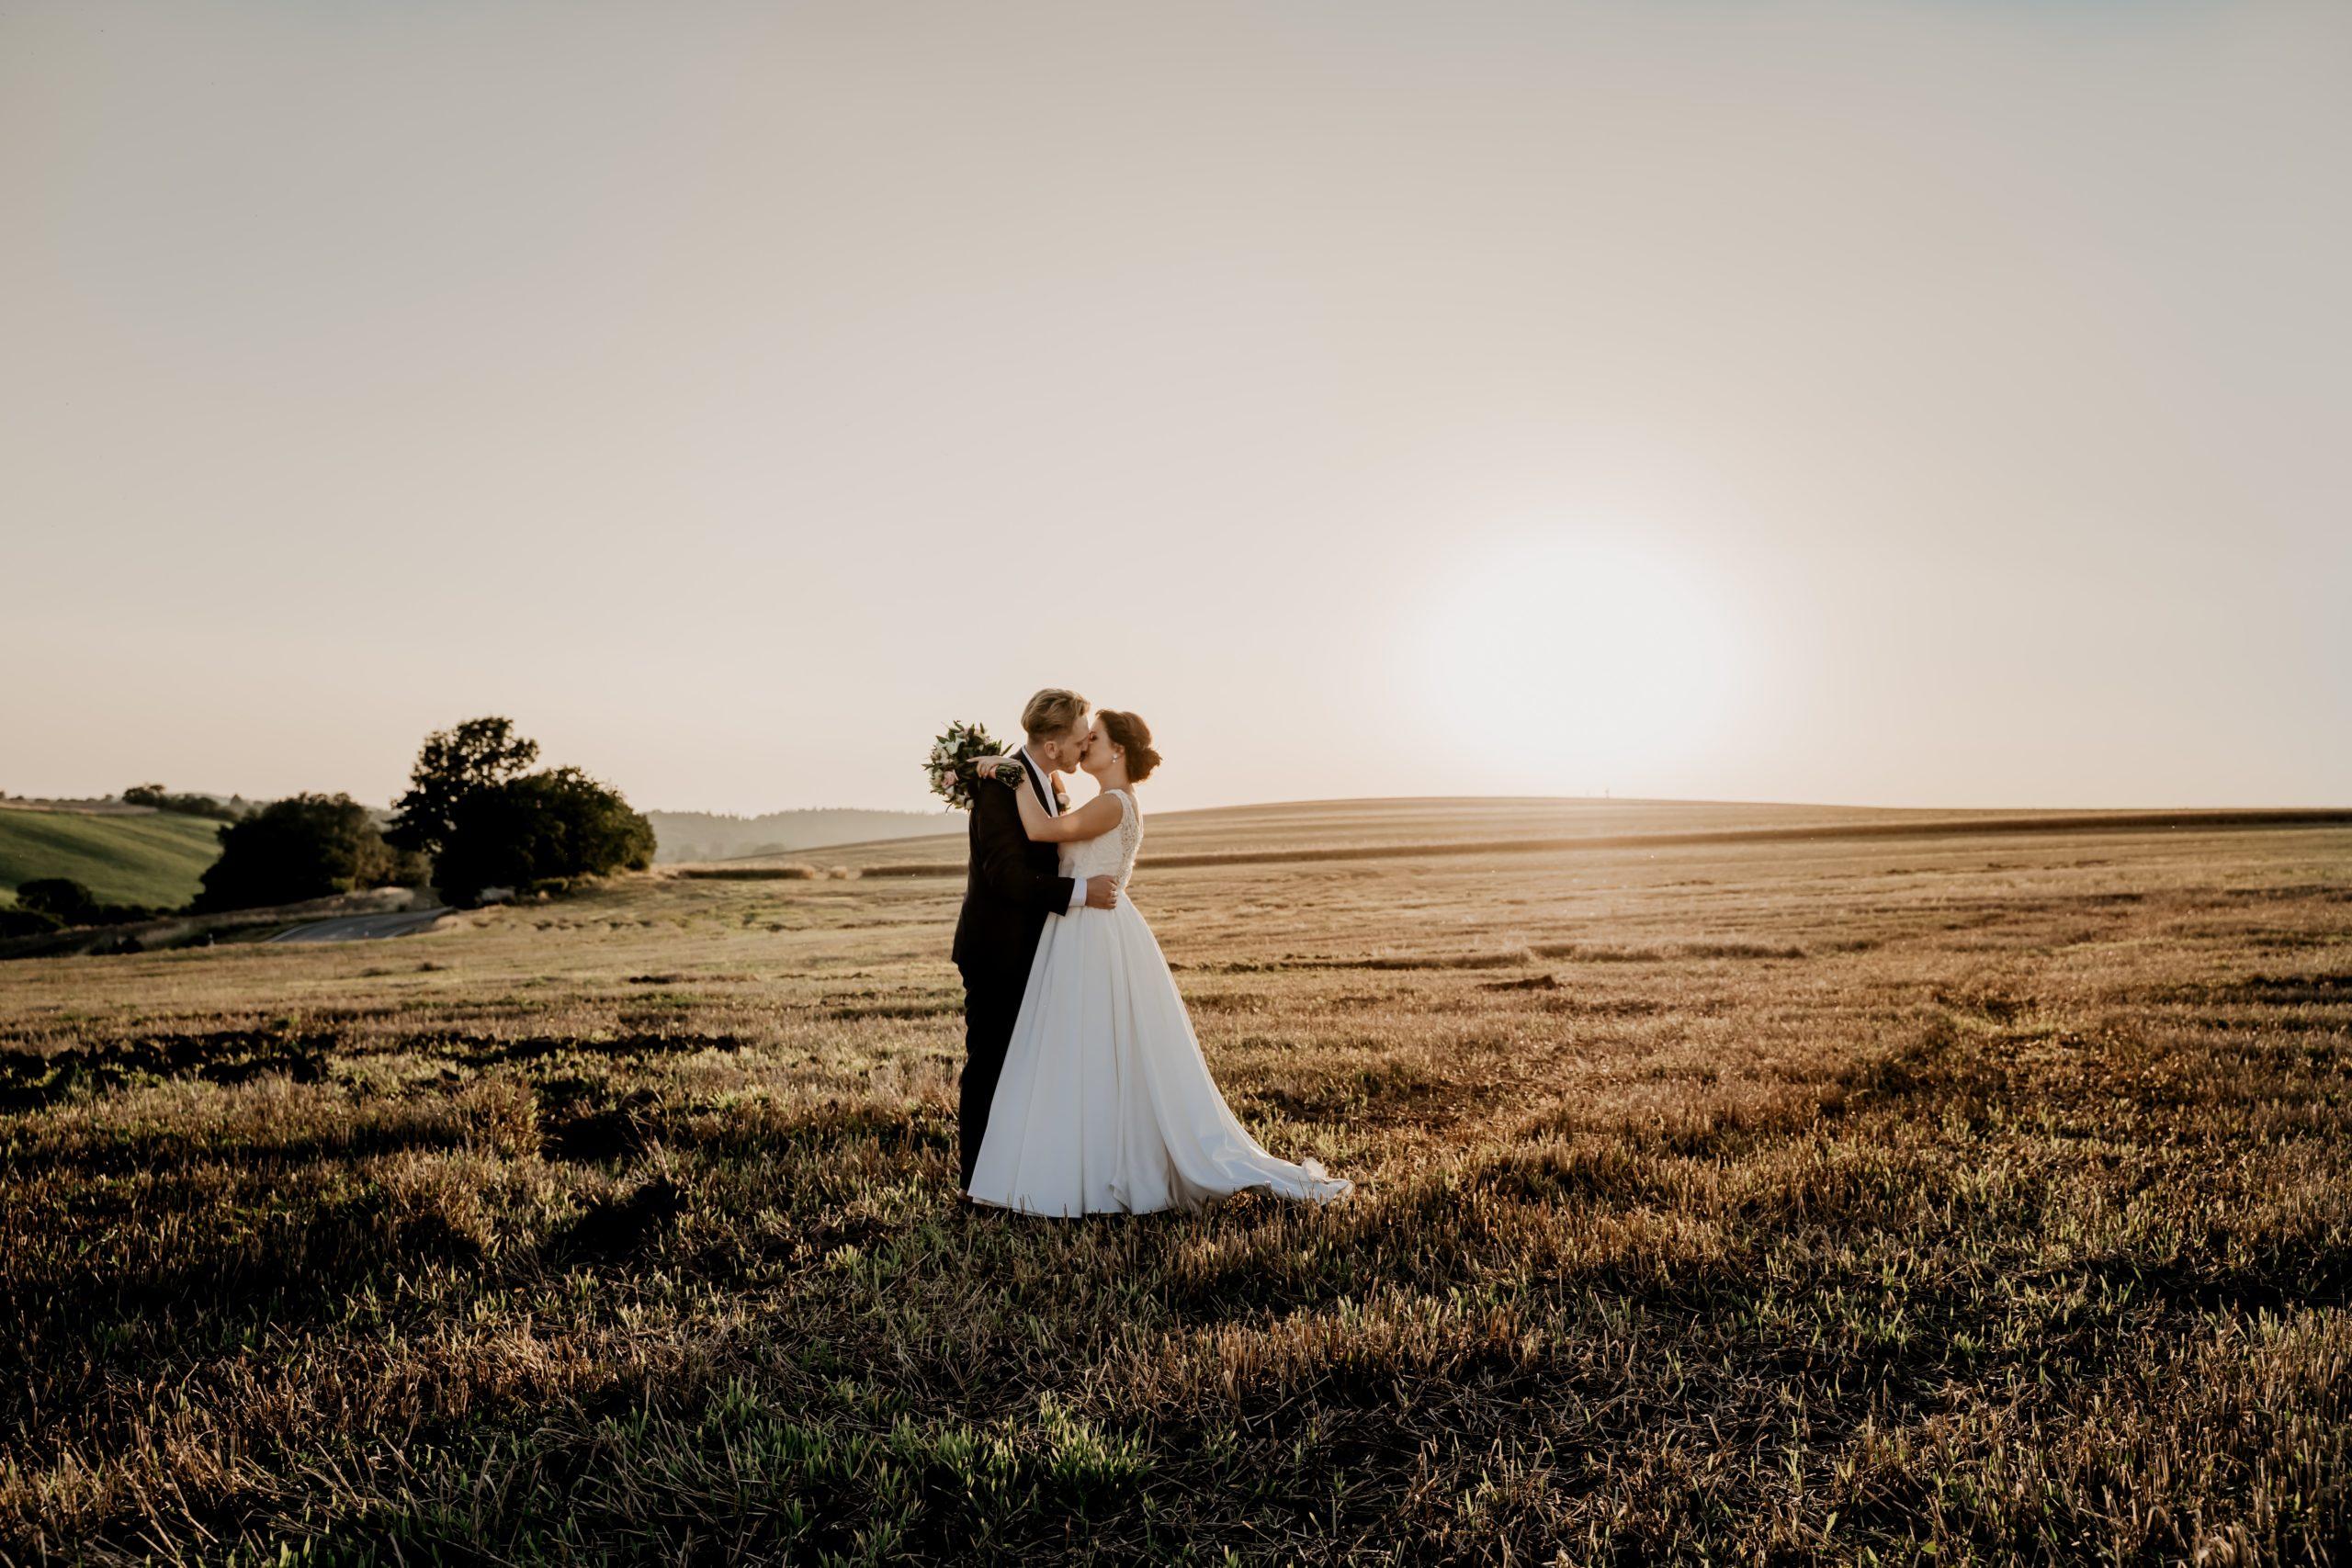 結婚後も幸せに生きていくために手に職をつけよう